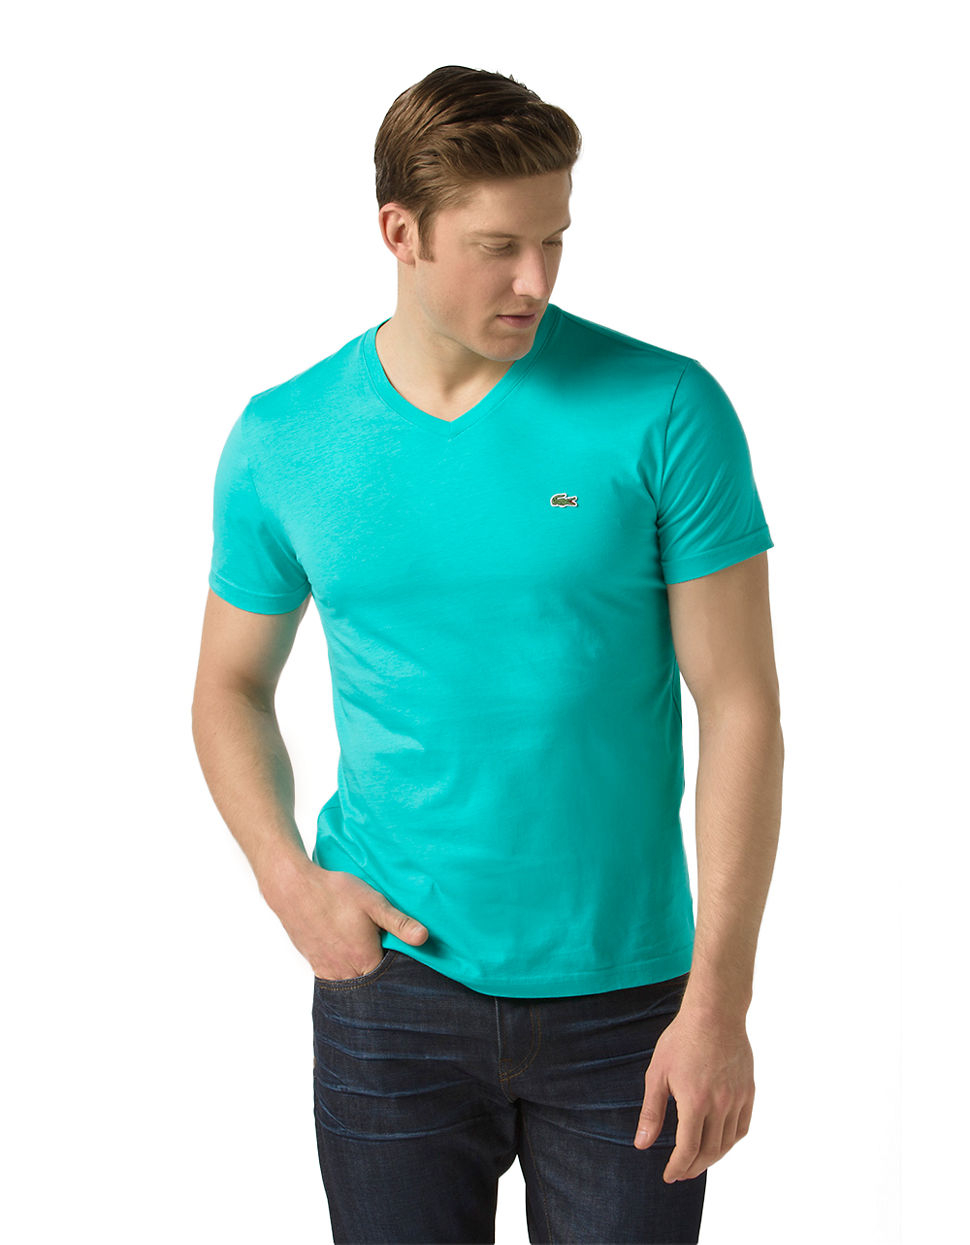 lacoste cotton v neck t shirt in blue for men thalas. Black Bedroom Furniture Sets. Home Design Ideas